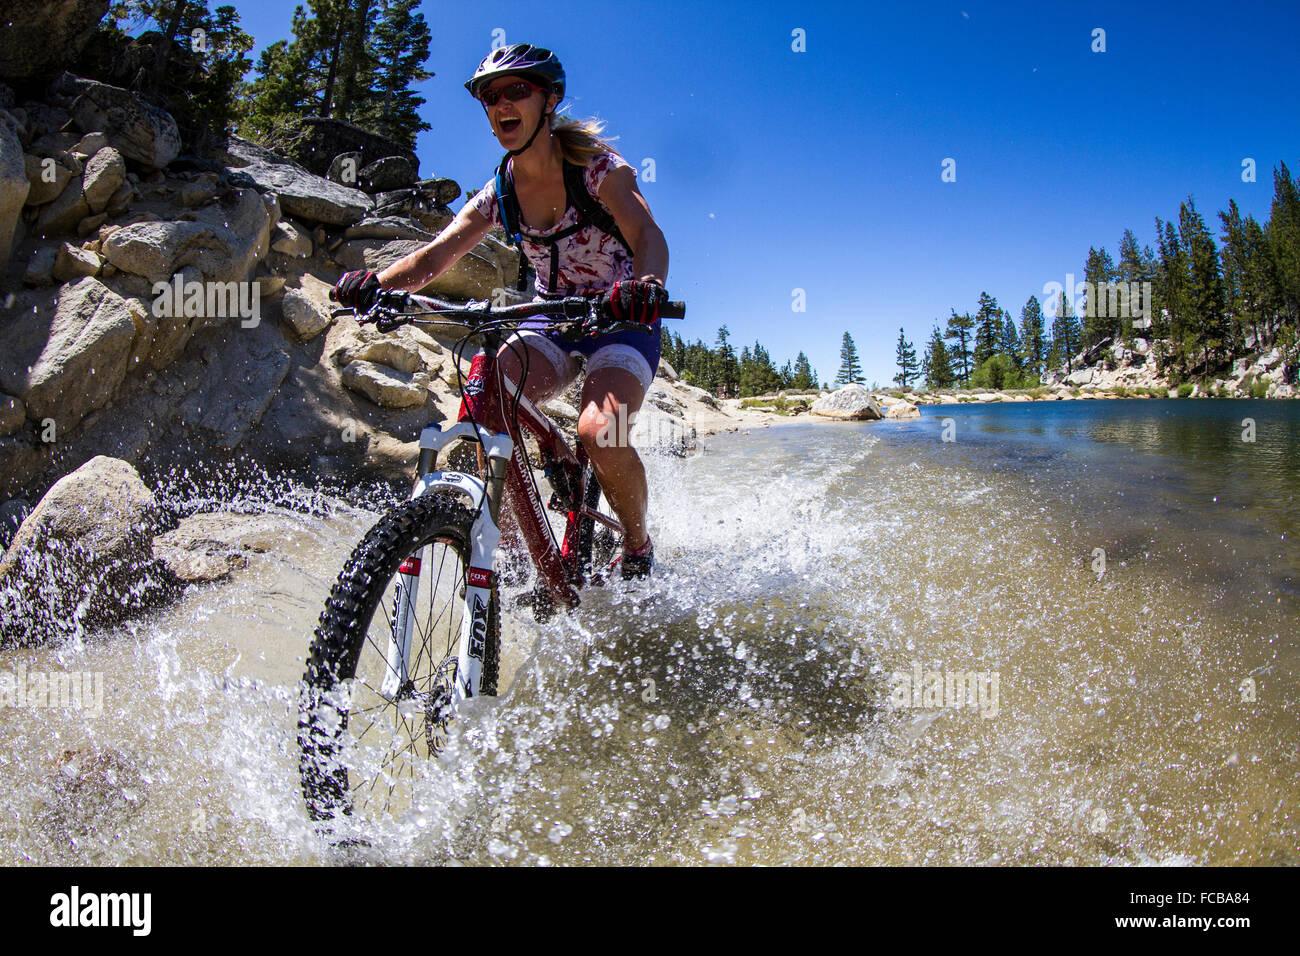 Randonnée cycliste sur piste en canal, Tahoe, CA Photo Stock